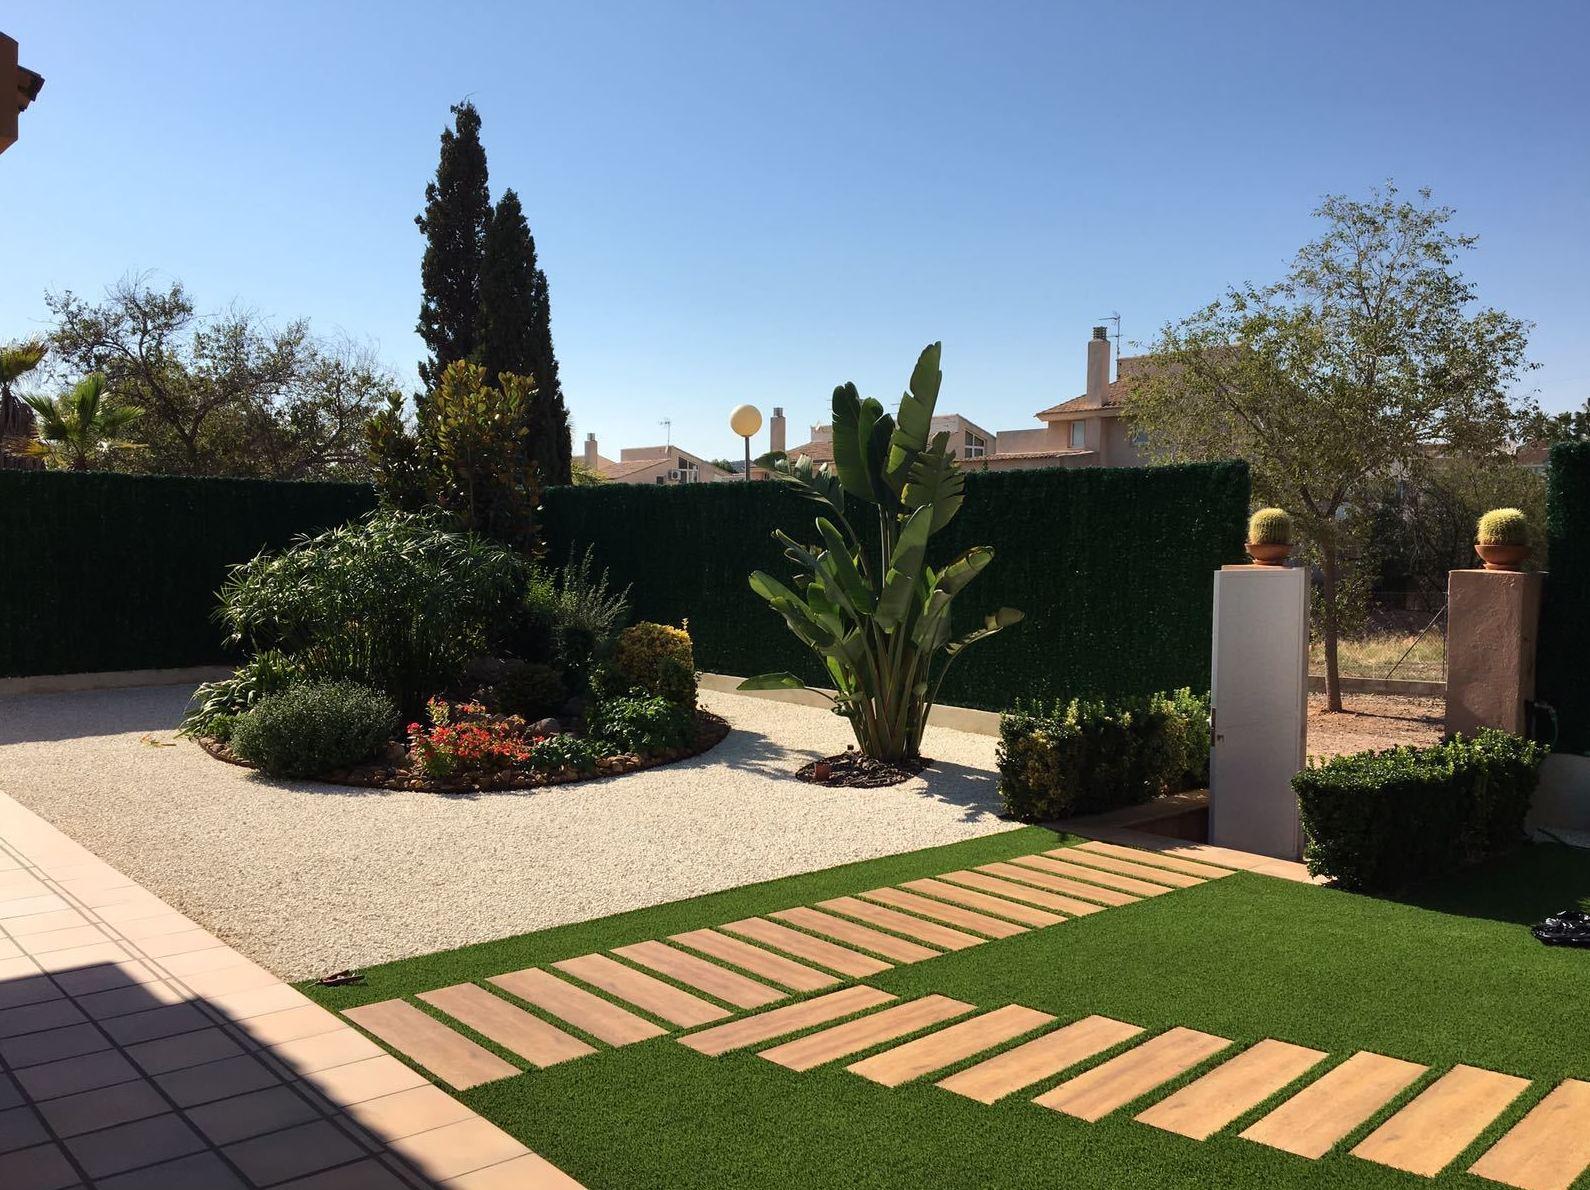 Foto 93 de jardines dise o y mantenimiento en podavalti - Jardineria villanueva valencia ...